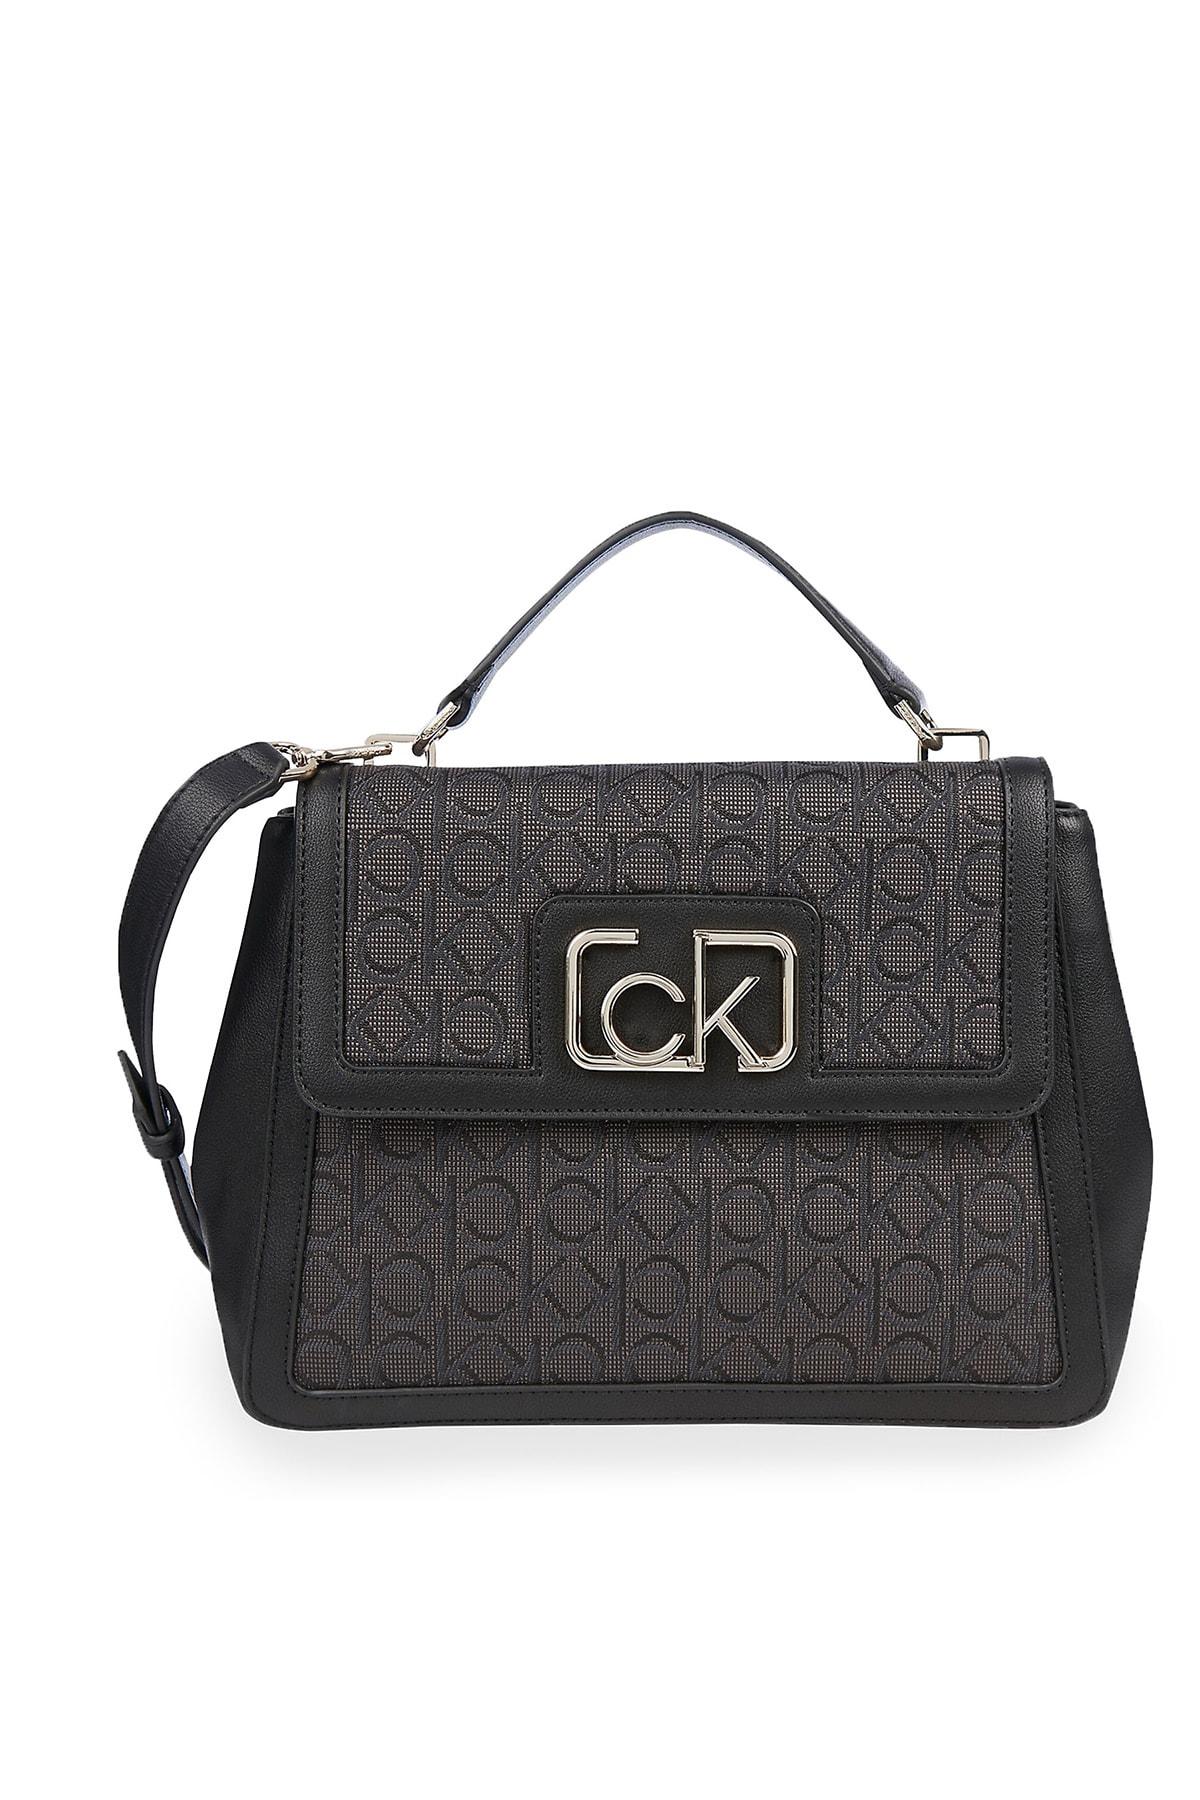 Calvin Klein Kadın Siyah Logo Baskılı Ayarlanabilir Askılı Çanta K60k607109 0gs 1